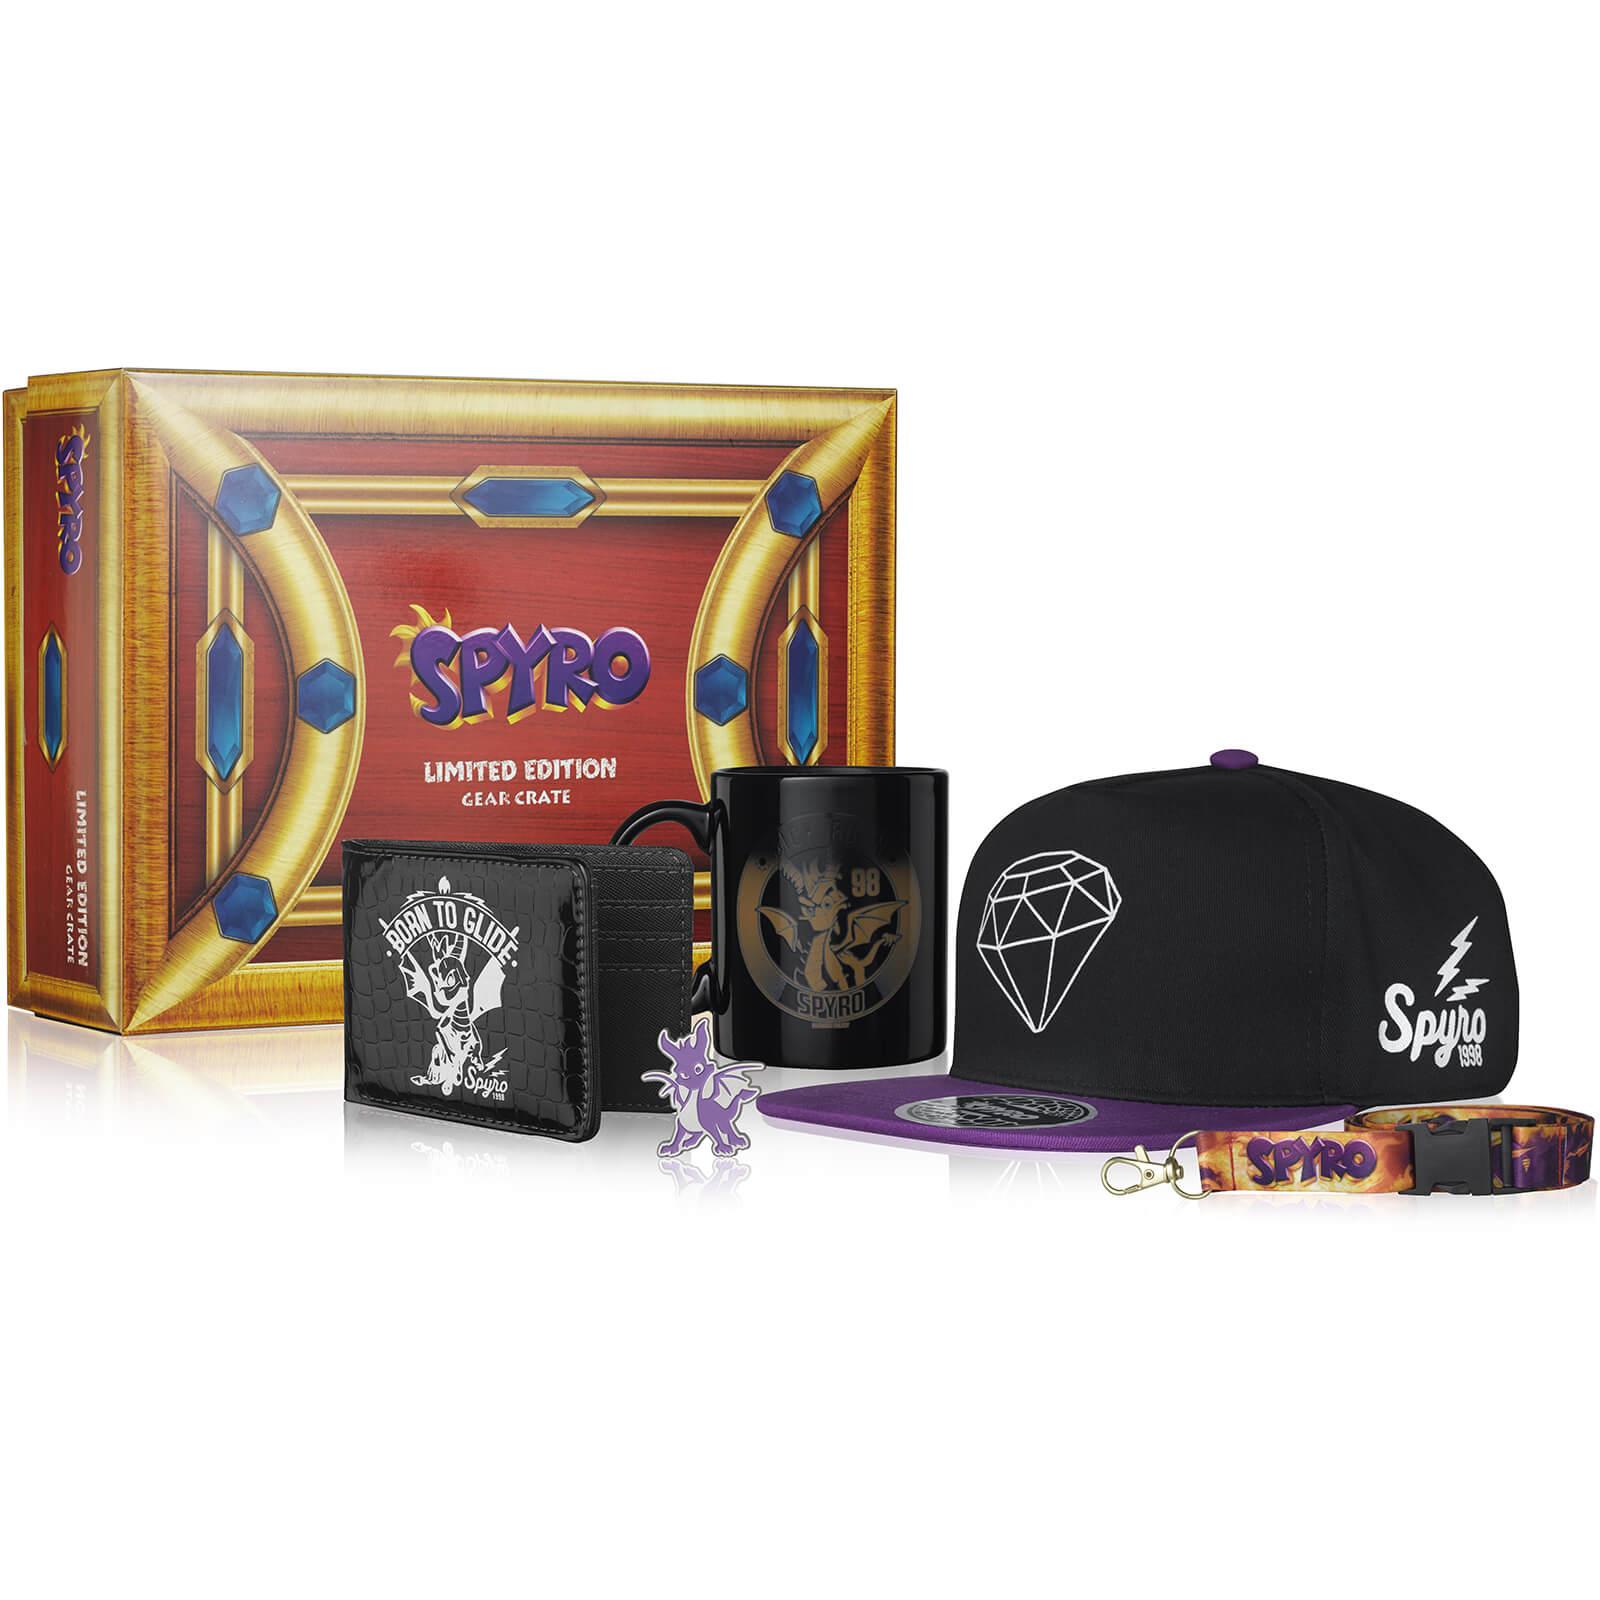 Cajas de colección (Spyro,Crash Bandicoot o COD)